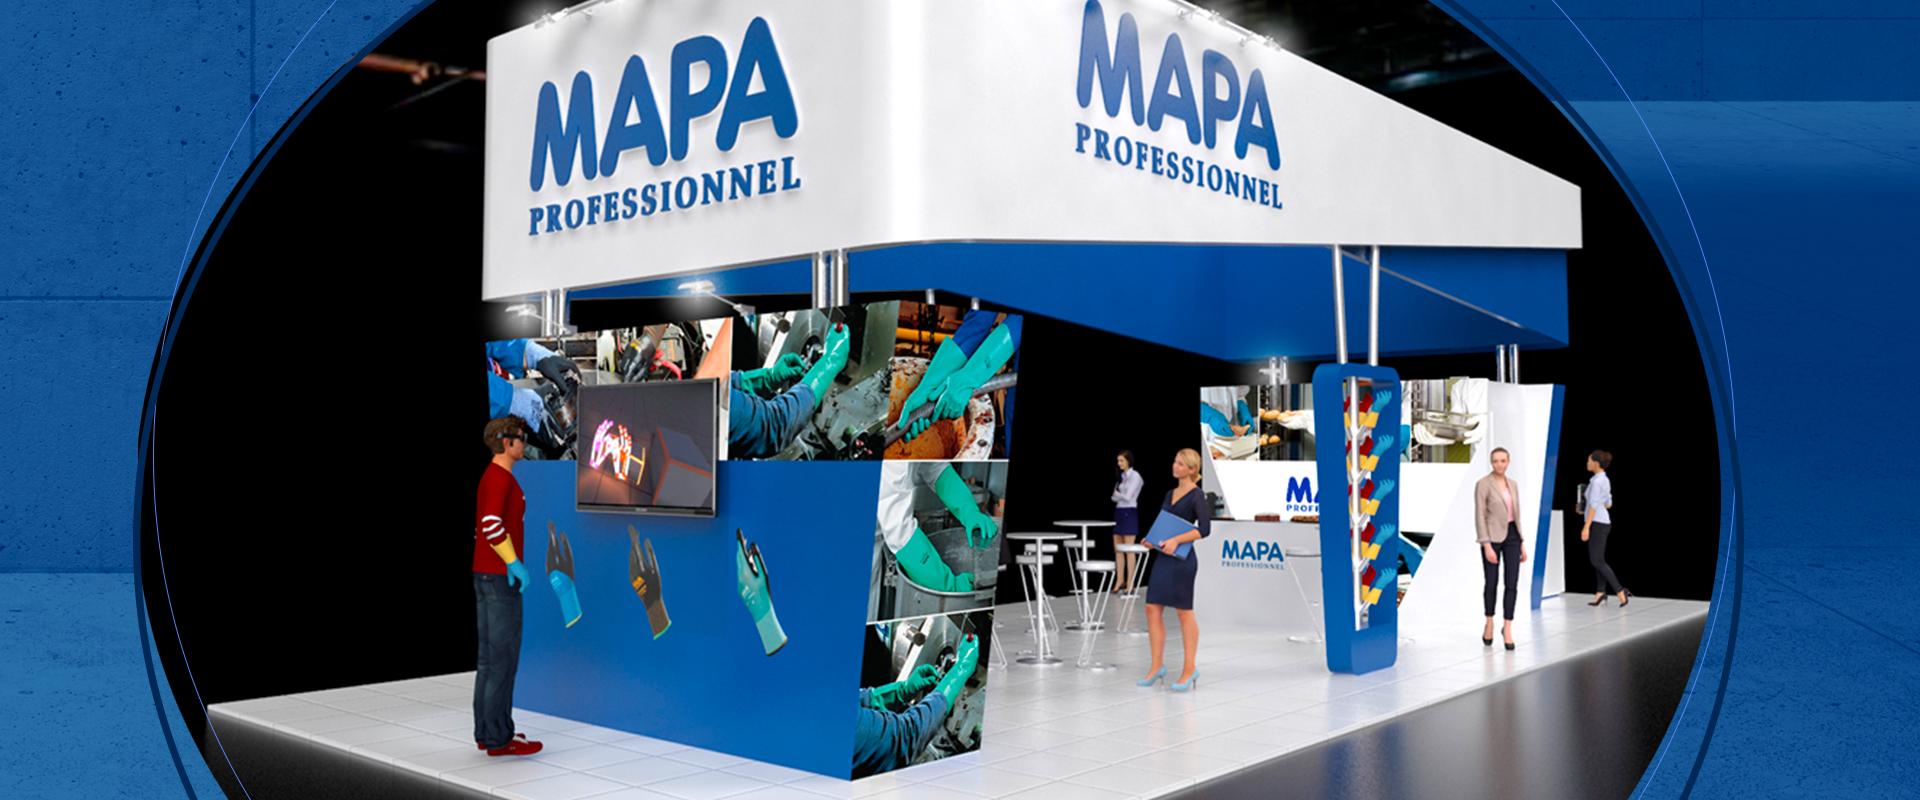 MAPA Professionnel na Intersec em Buenos Aires